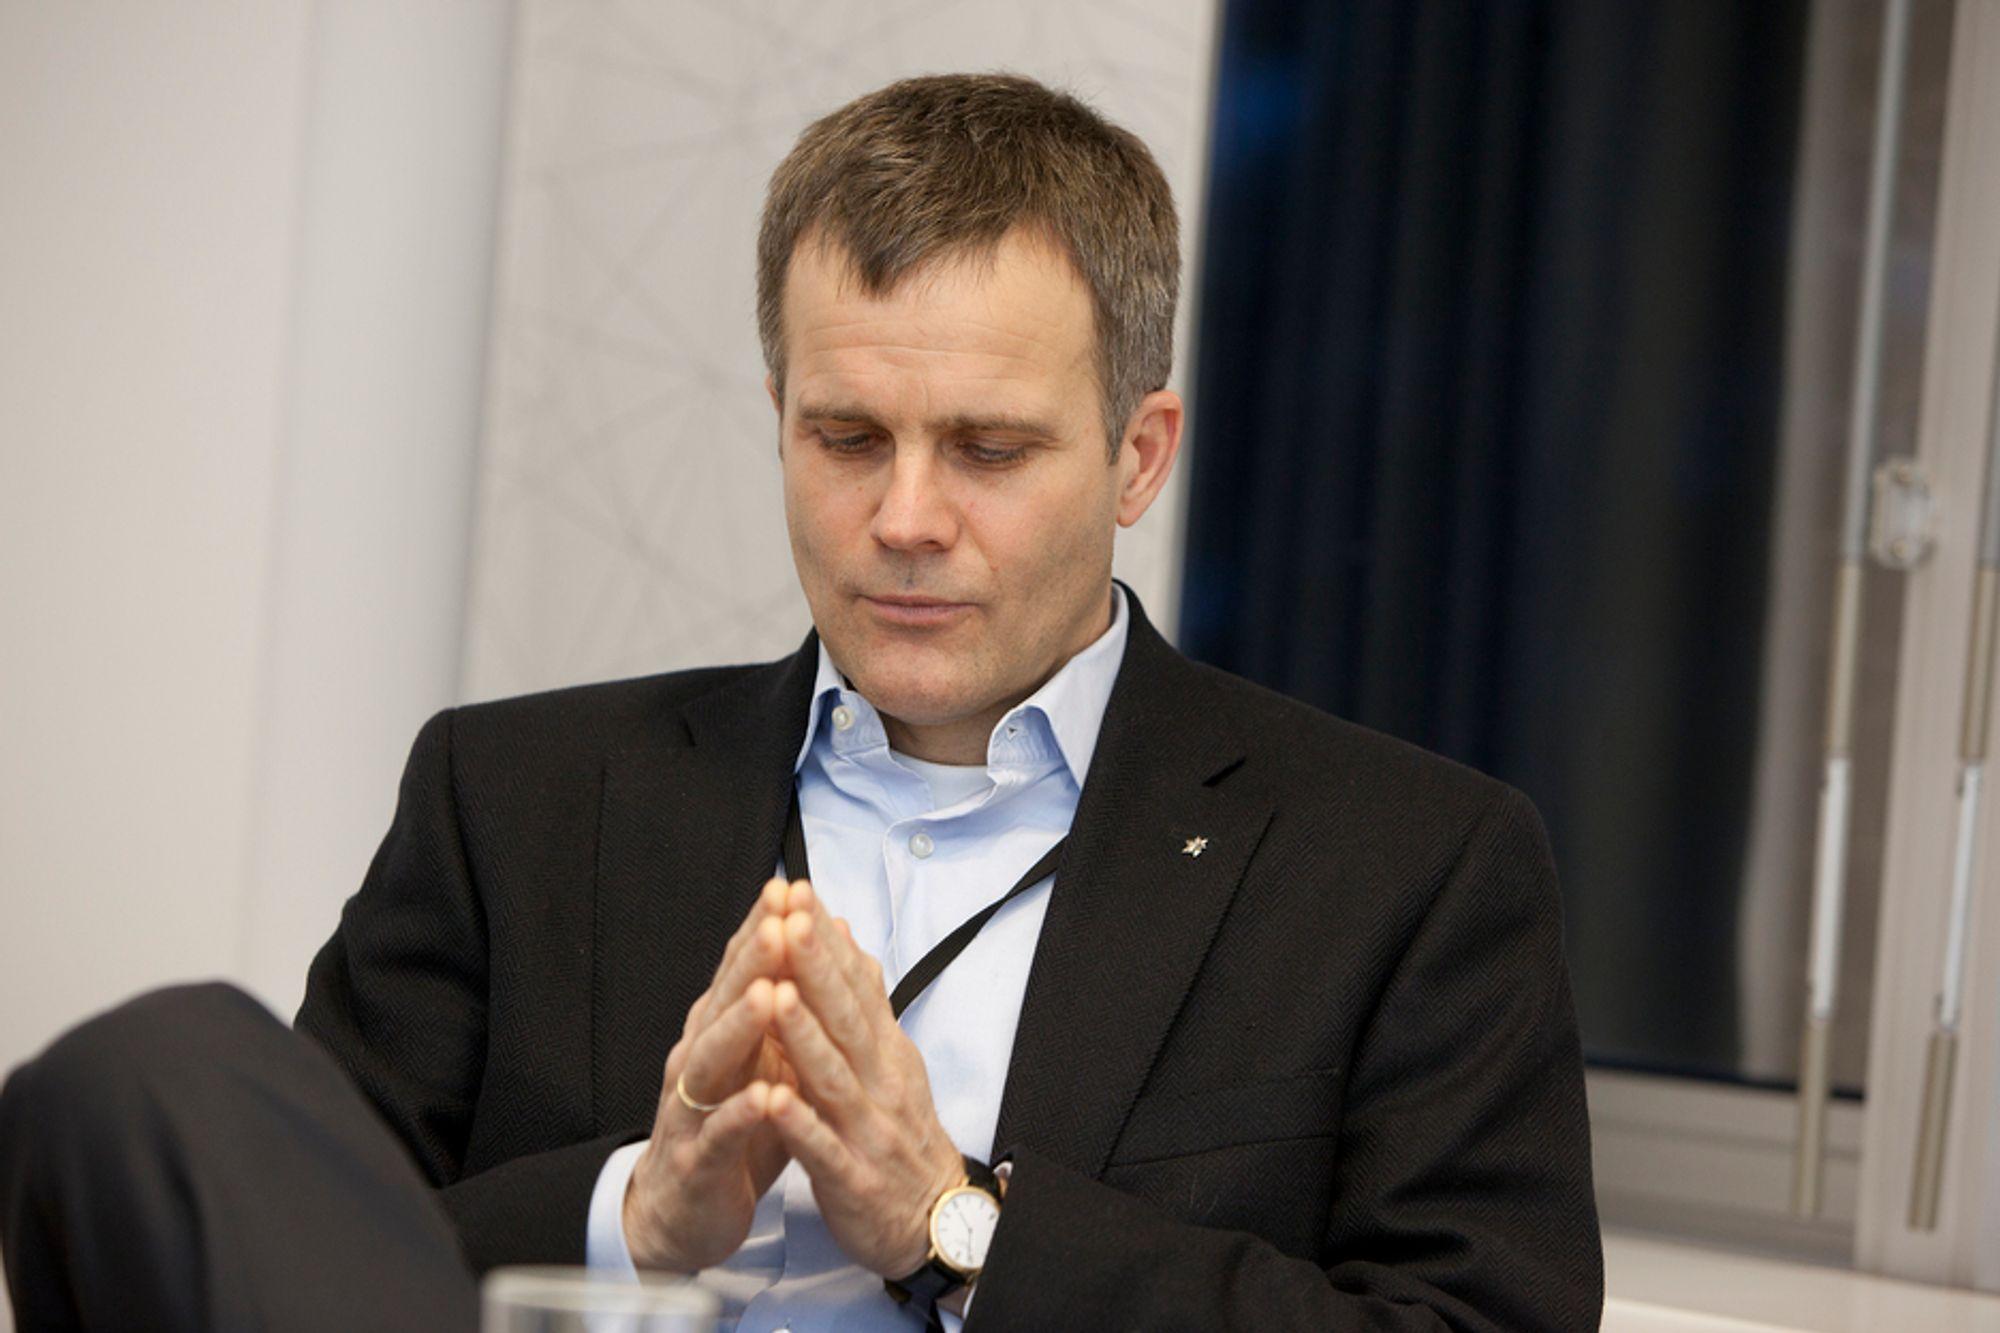 STEVNET: Statoil må møte i retten i Canada etter å overtrådt vanntillatelser i forbindelse med vinterboring til et oljesandprosjekt.